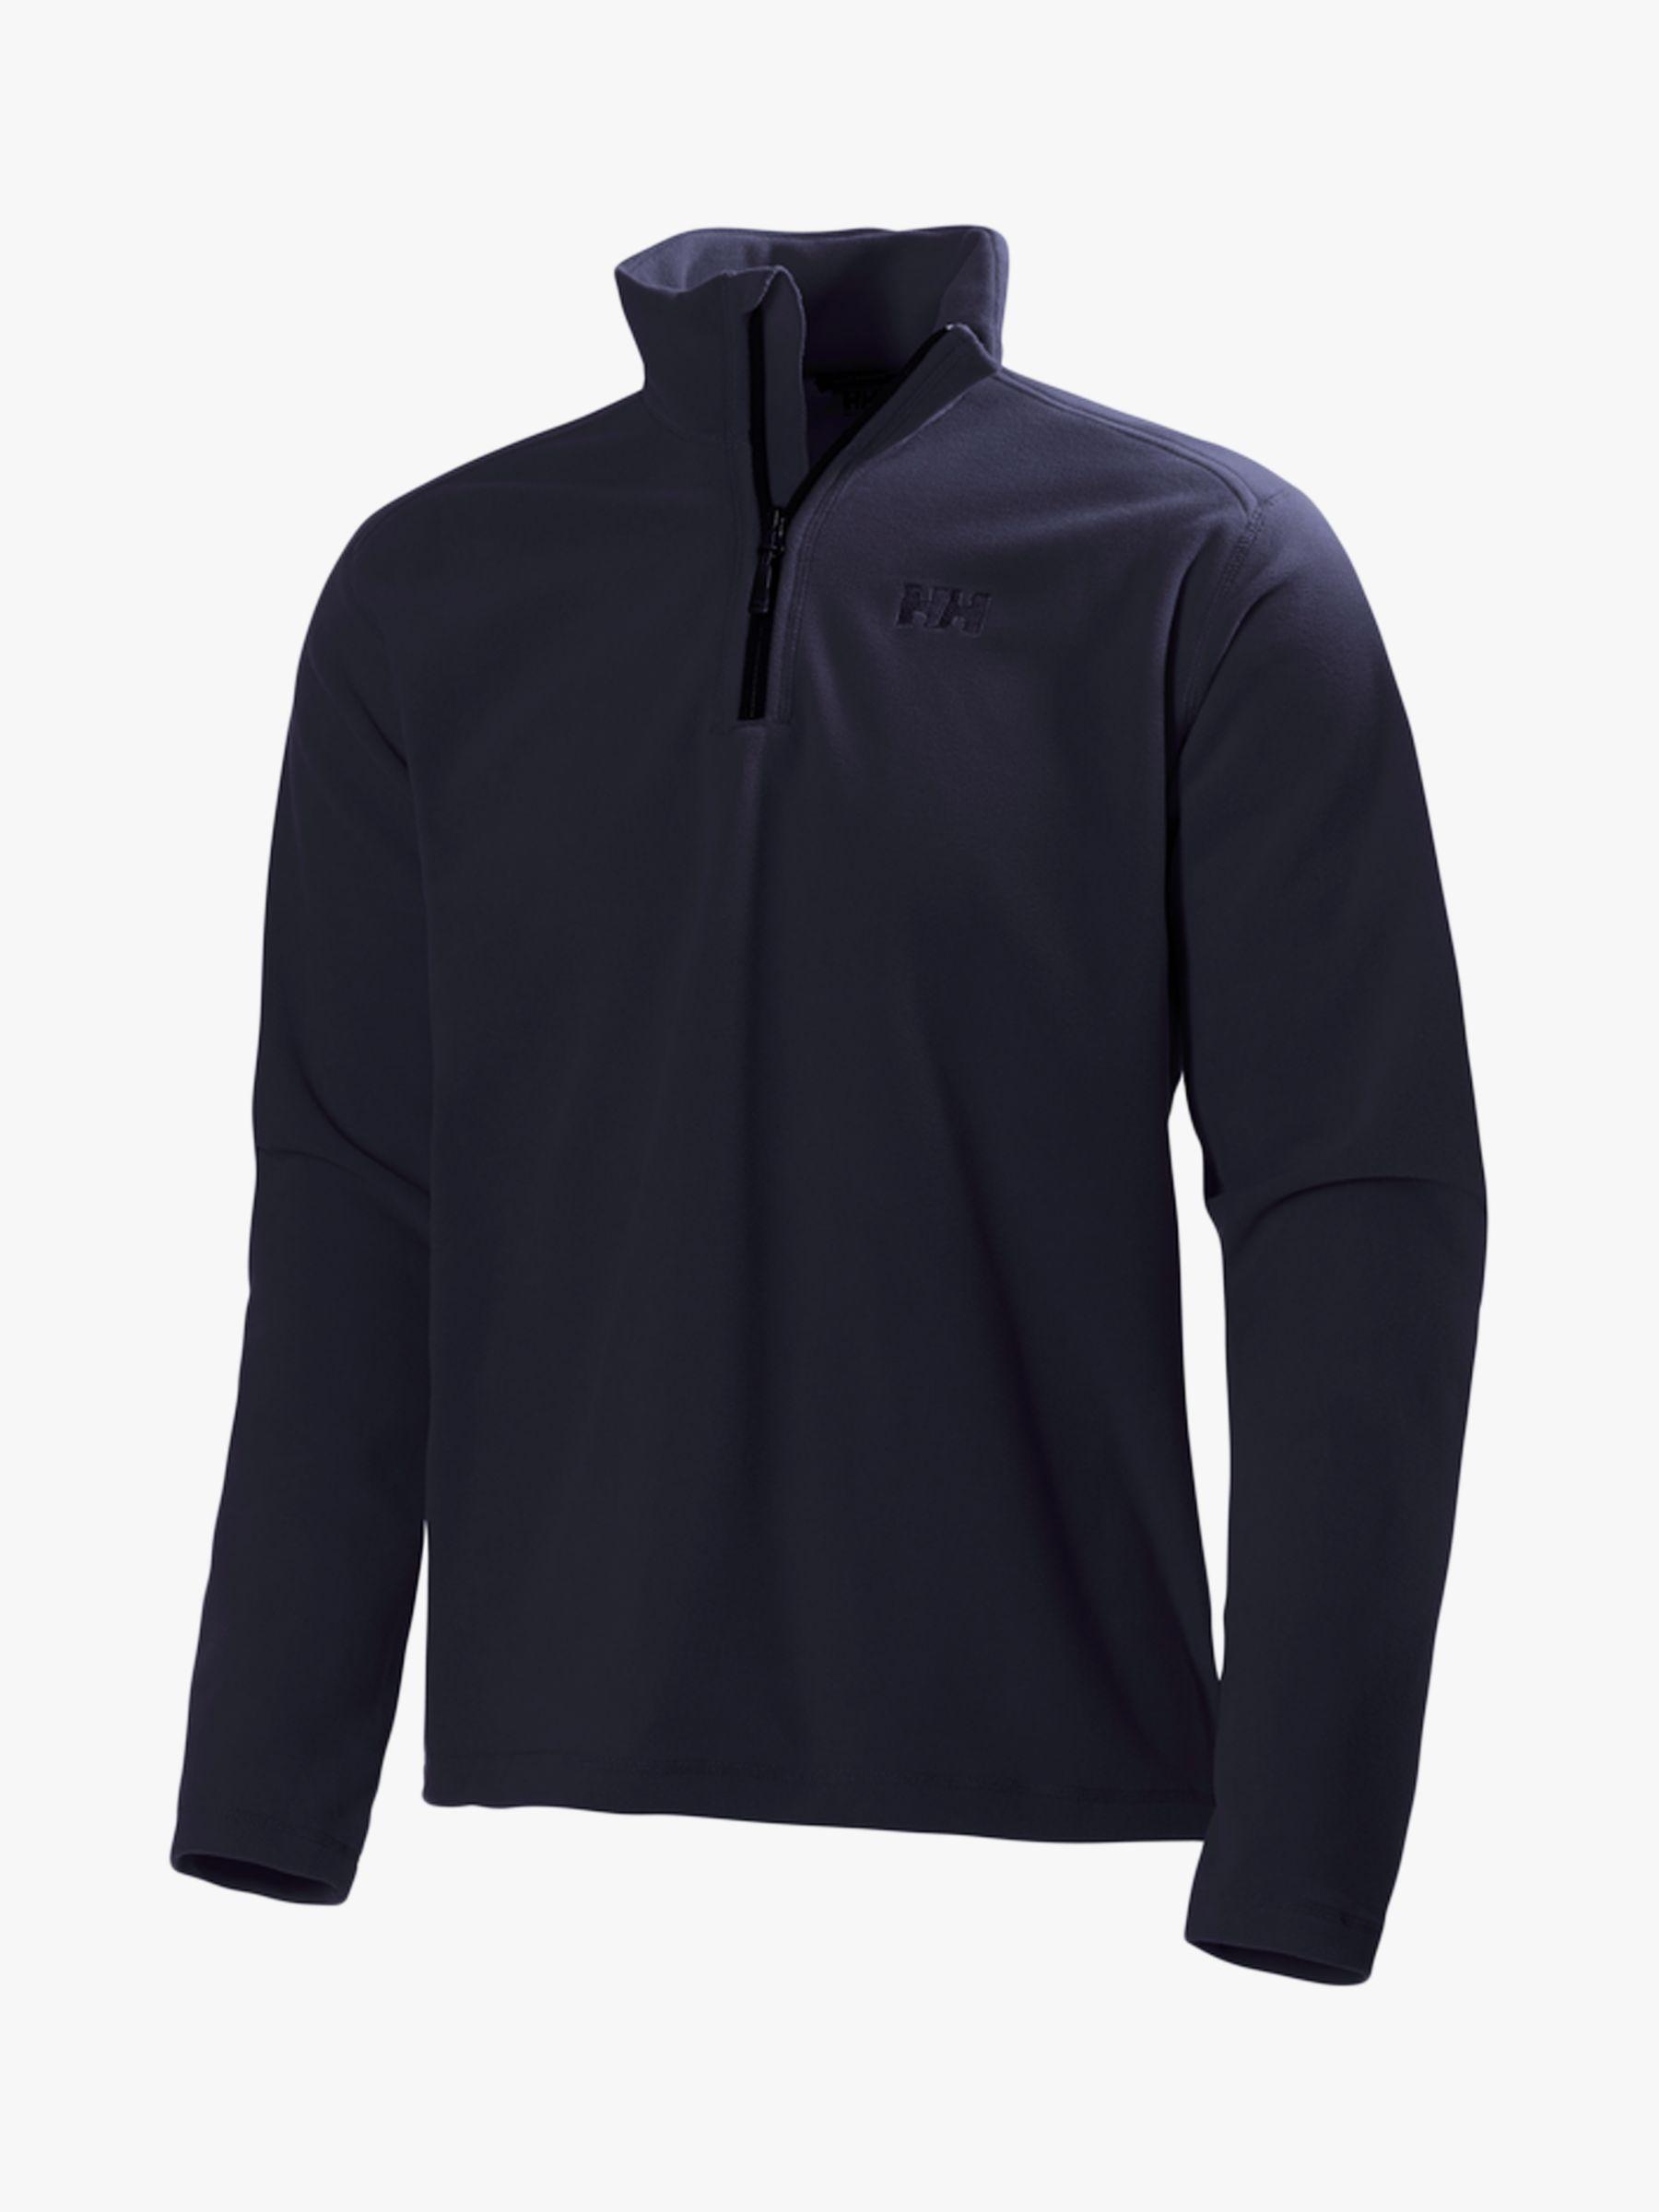 Helly Hansen Helly Hansen Daybreaker Half-Zip Fleece Jacket, Navy